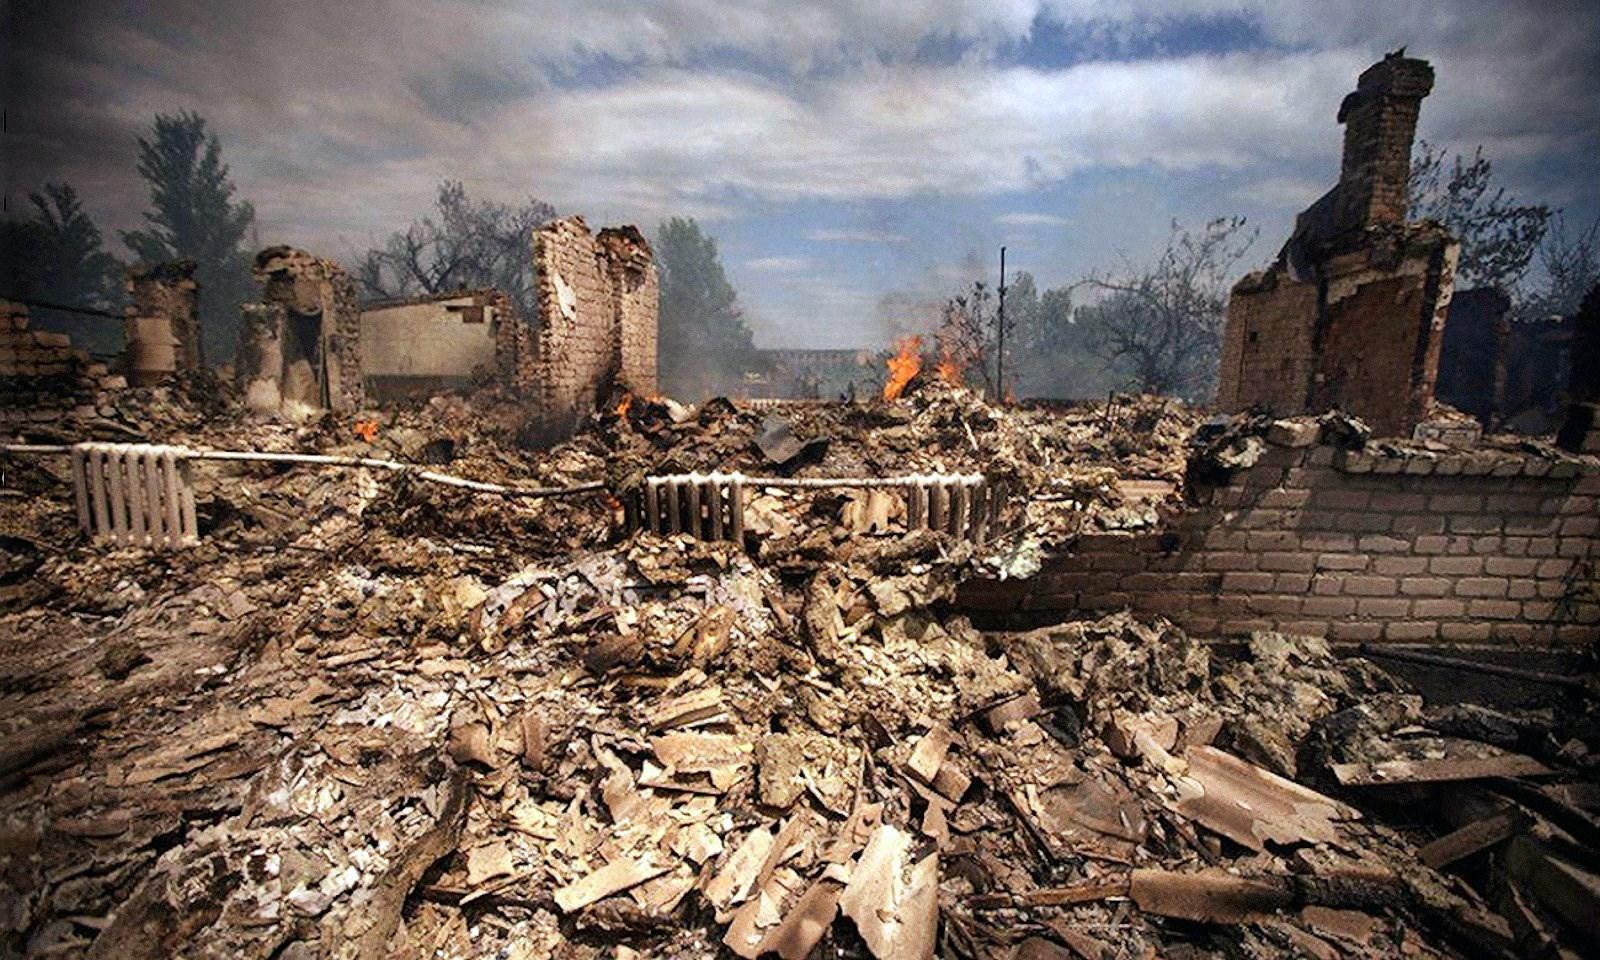 00 lugansk pr war damage 060815